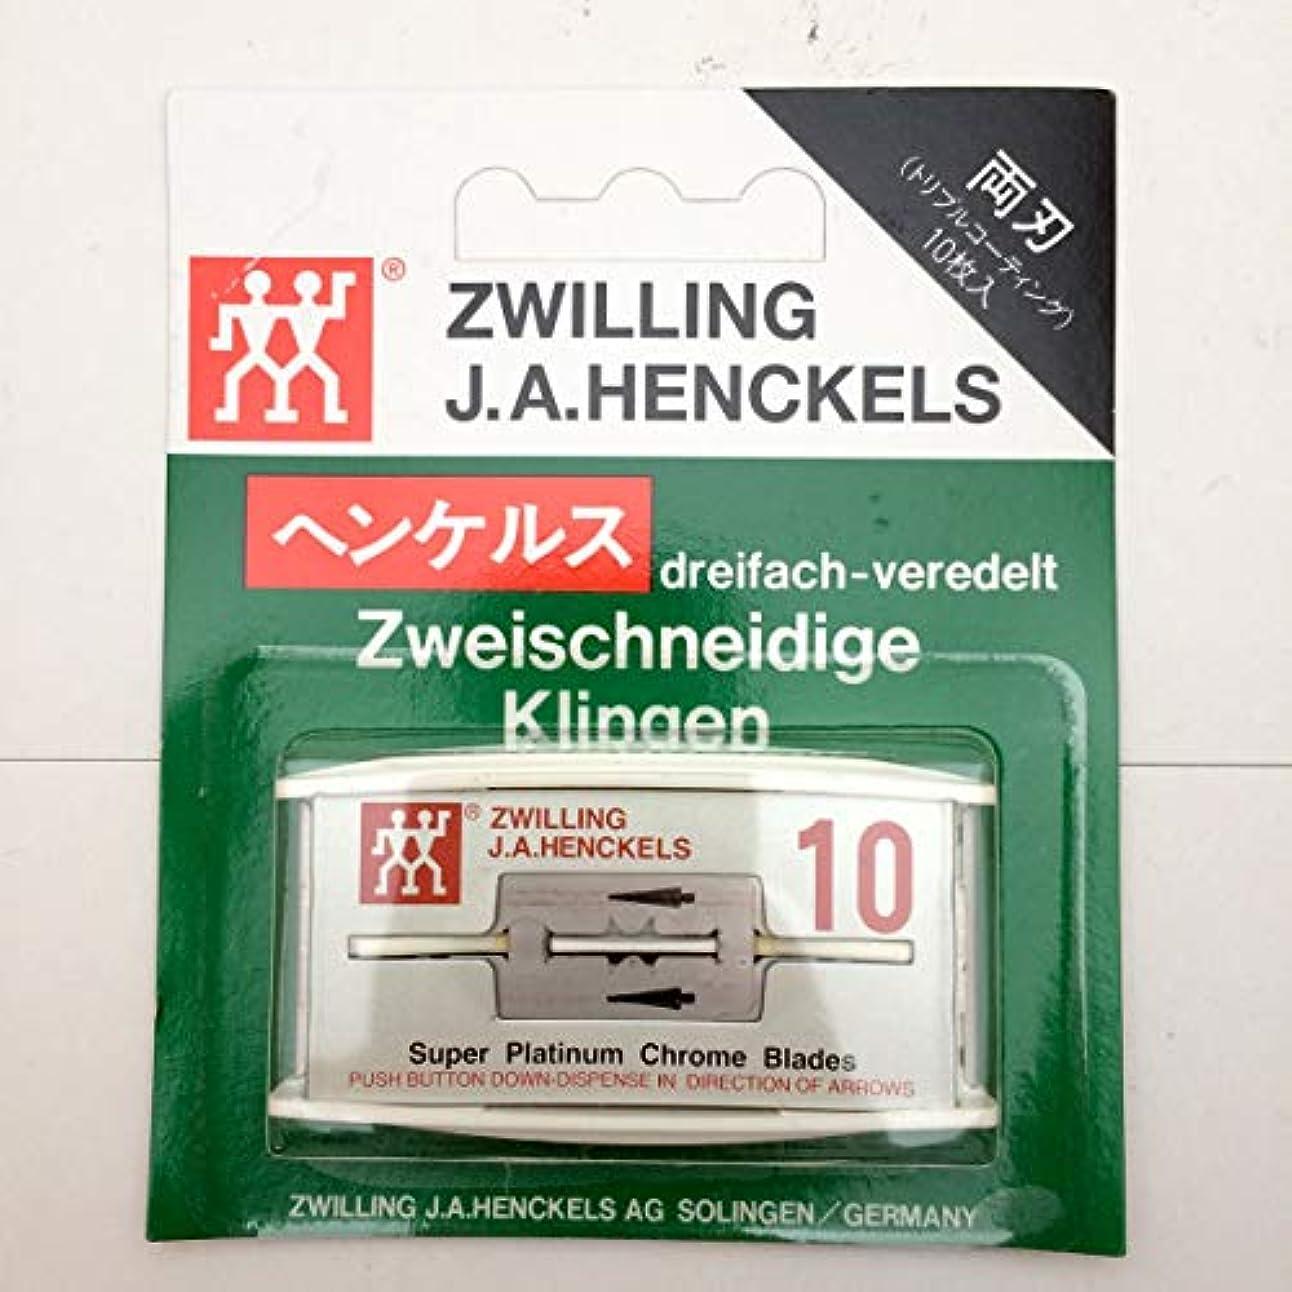 伝導対話ストライク【ヴィンテージ品?数量限定】ツヴィリング J.A. ヘンケルス 両刃 カミソリ 剃刀 替刃 3層コート 10枚入 未開封新品 Vintage 10 Zwilling J.A. Henckels double edge razor...